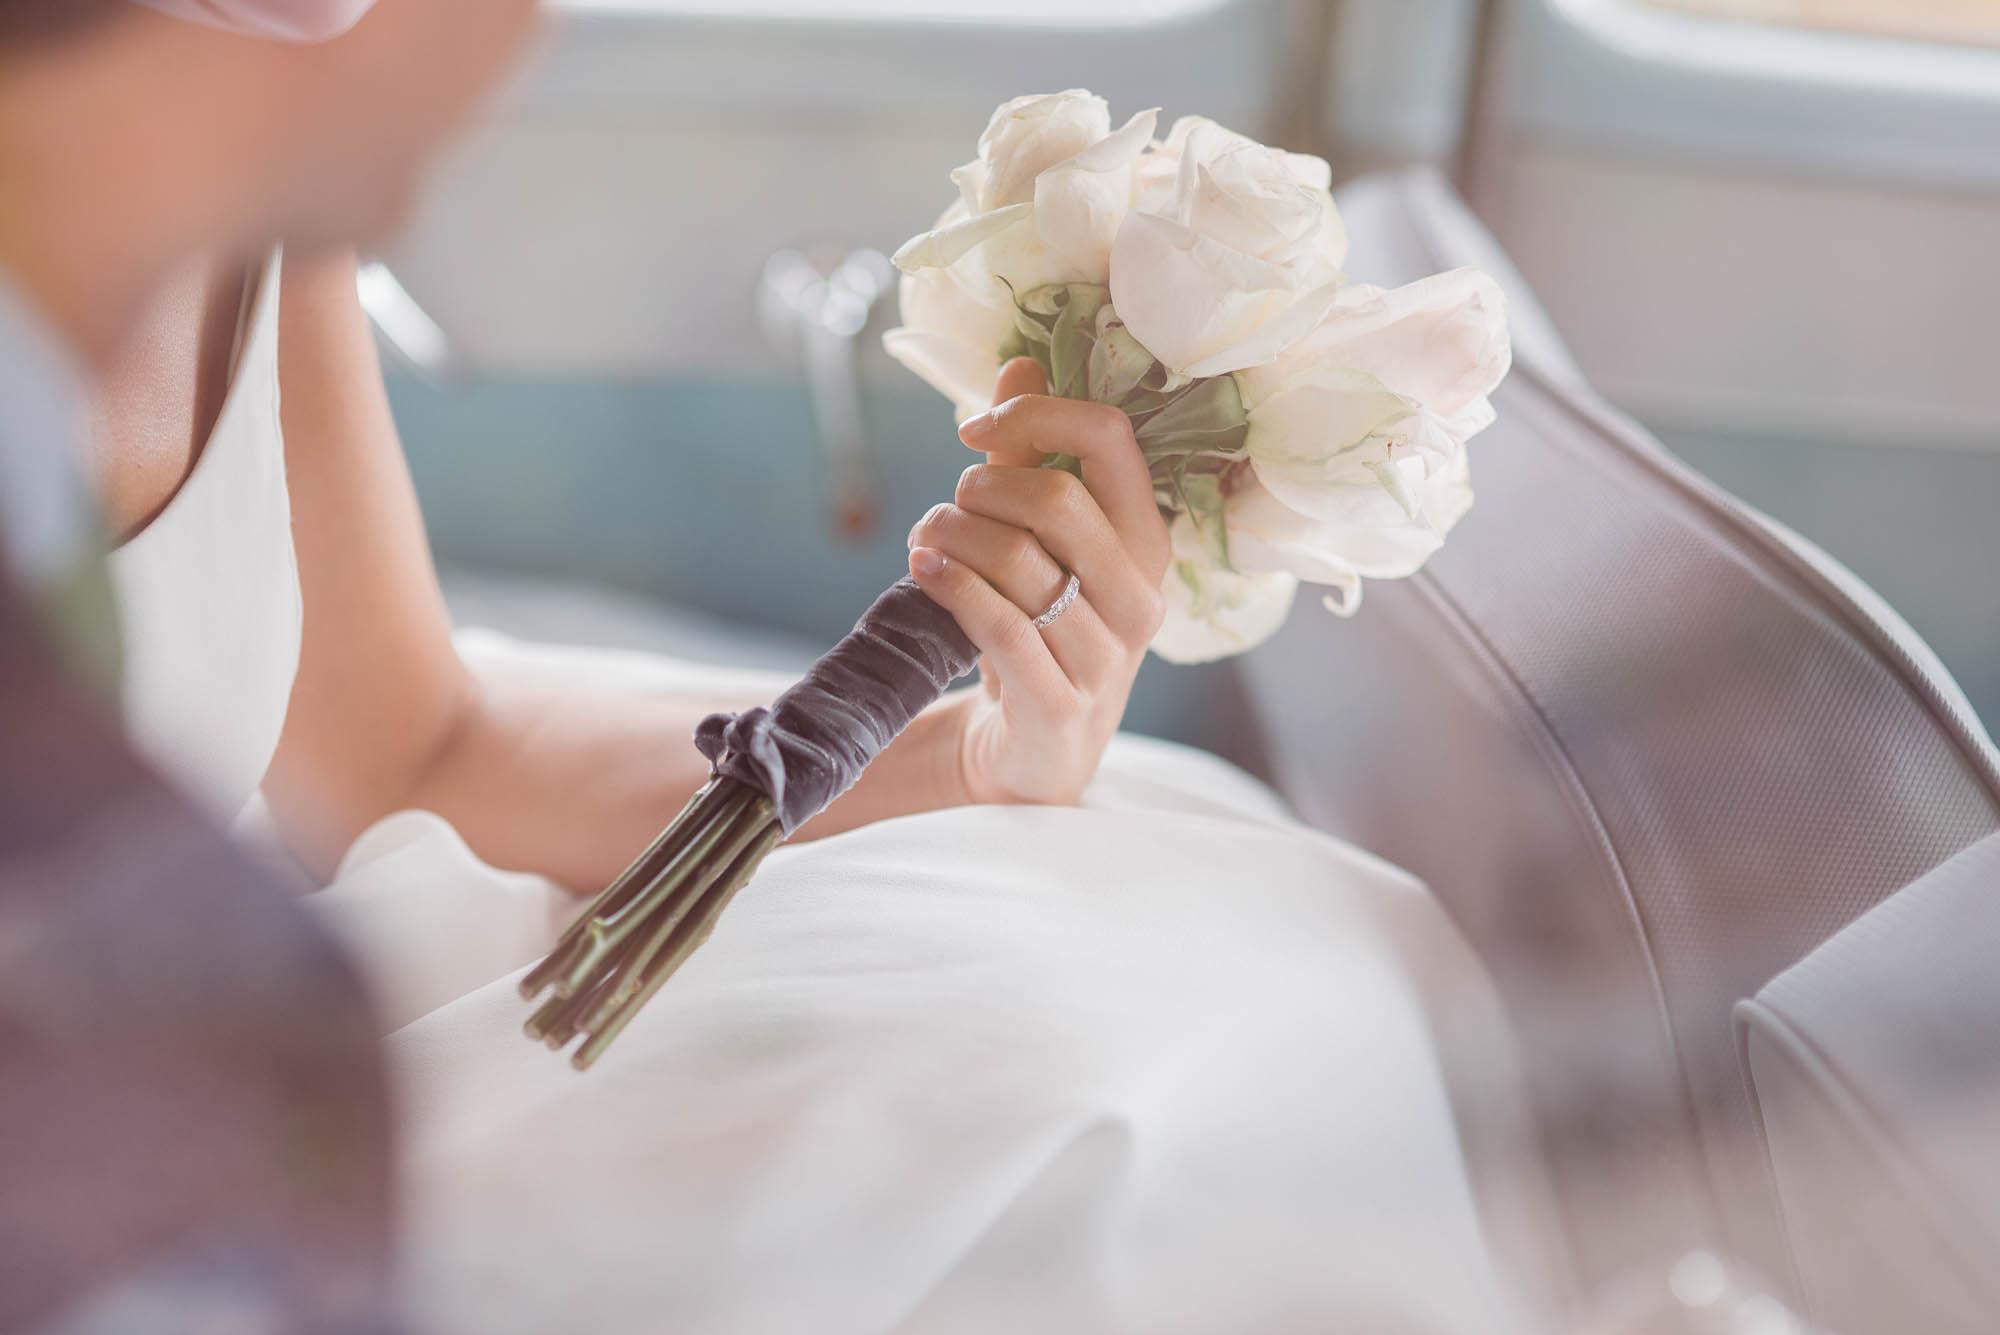 La novia sostiene el ramo blanco de bodas dentro del coche